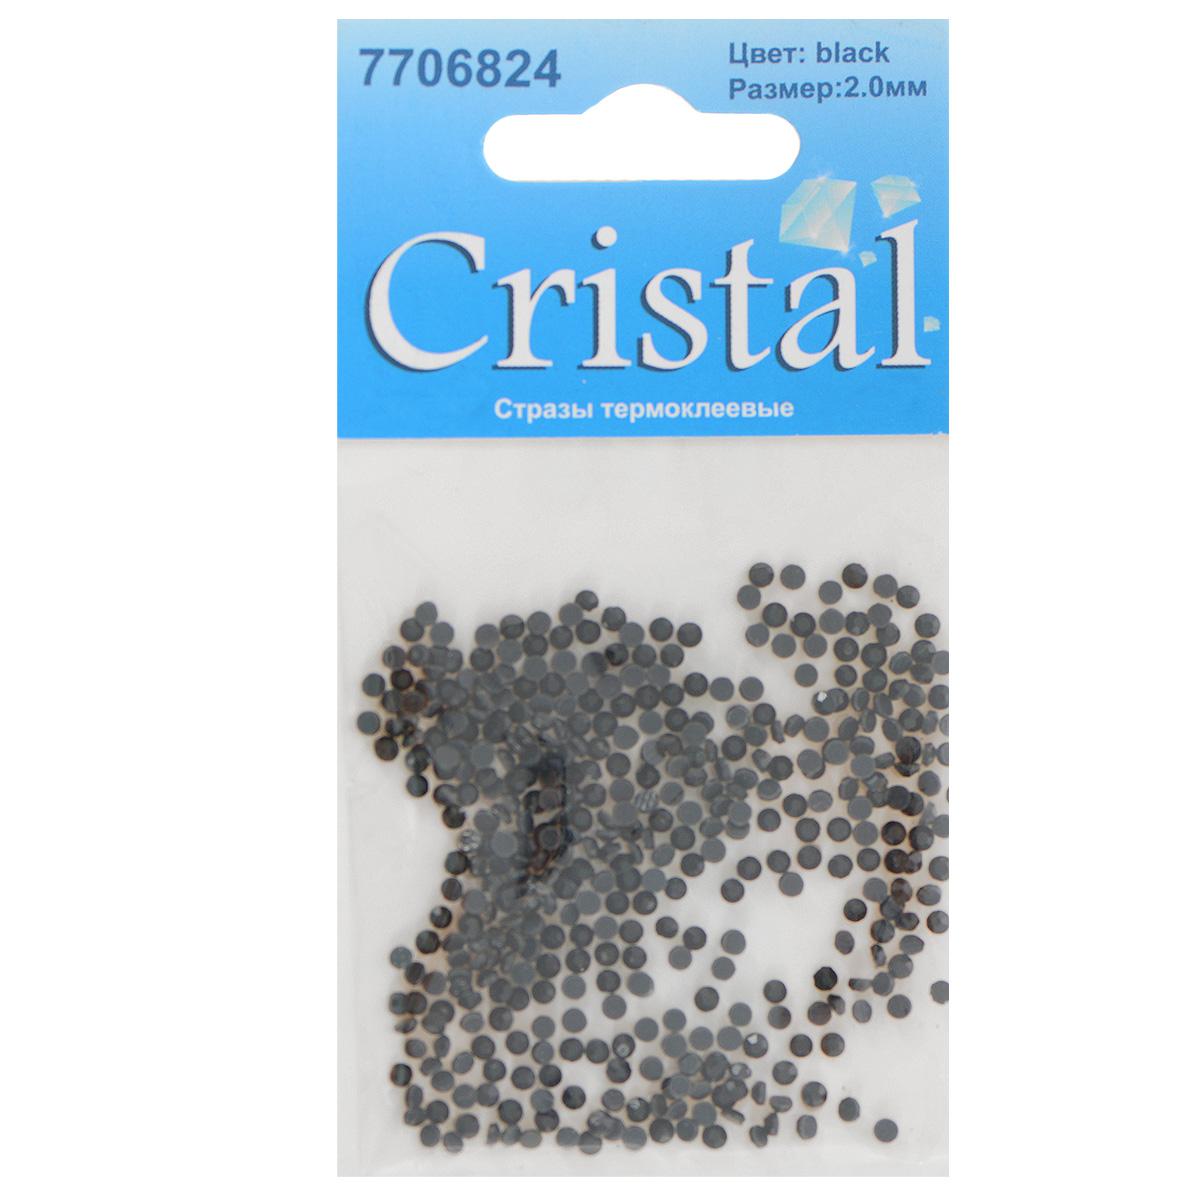 Стразы термоклеевые Cristal, цвет: черный, диаметр 2 мм, 432 шт7706824_черныйНабор термоклеевых страз Cristal, изготовленный из высококачественного акрила, позволит вам украсить одежду, аксессуары или текстиль. Яркие стразы имеют плоское дно и круглую поверхность с гранями.Дно термоклеевых страз уже обработано особым клеем, который под воздействием высоких температур начинает плавиться, приклеиваясь, таким образом, к требуемой поверхности. Чаще всего их используют в текстильной промышленности: стразы прикладывают к ткани и проглаживают утюгом с обратной стороны. Также можно использовать специальный паяльник. Украшение стразами поможет сделать любую вещь оригинальной и неповторимой. Диаметр страз: 2 мм.